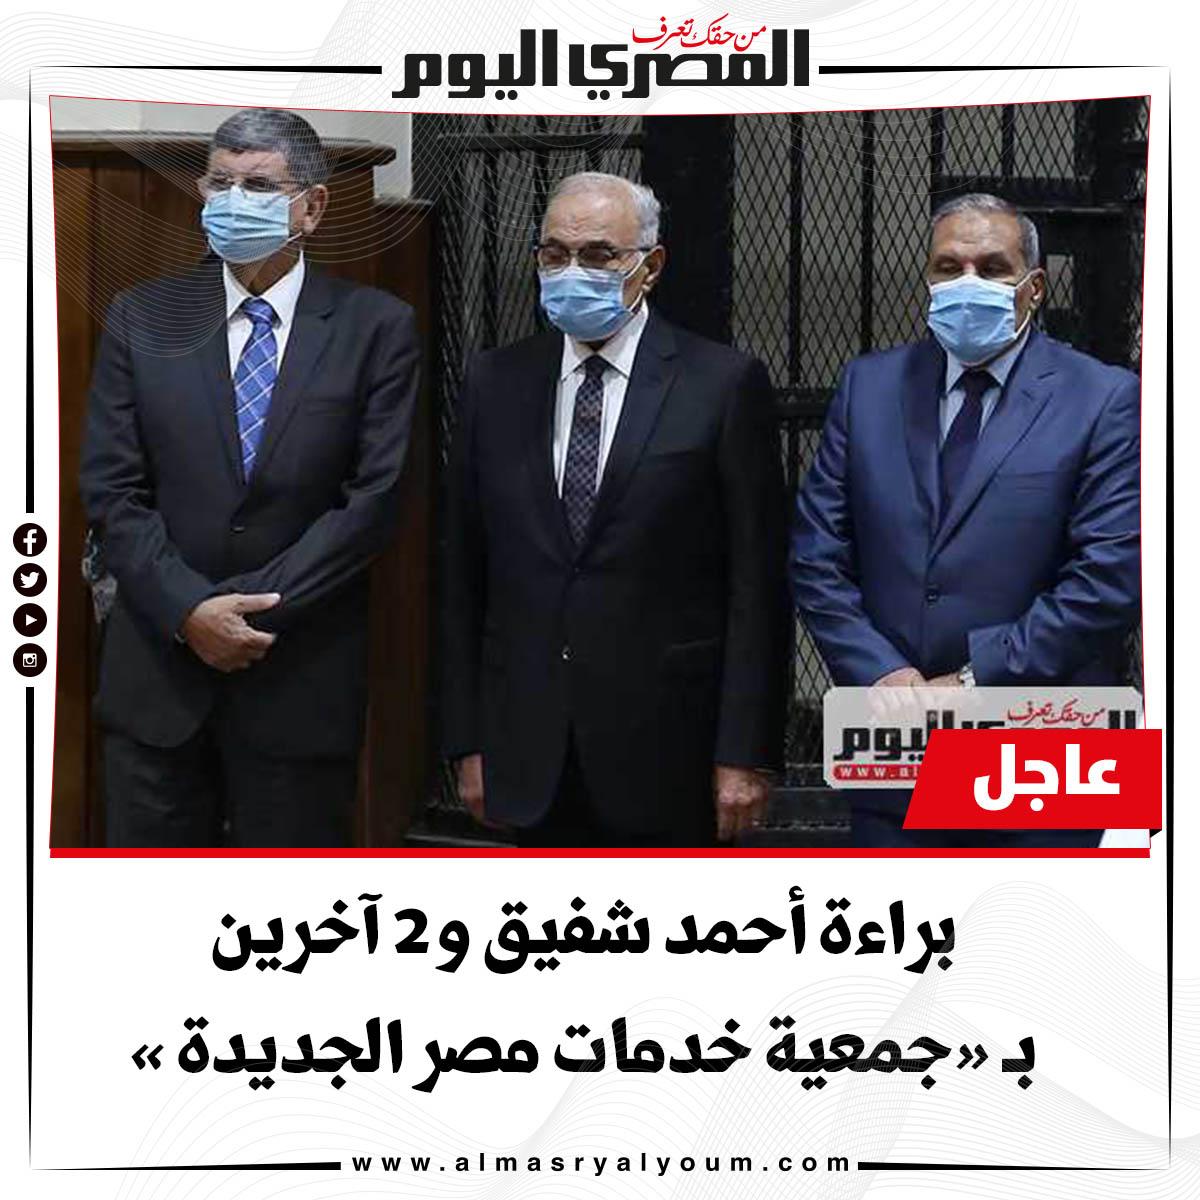 عاجل براءة أحمد شفيق و2 آخرين بـ«جمعية خدمات مصر الجديدة»